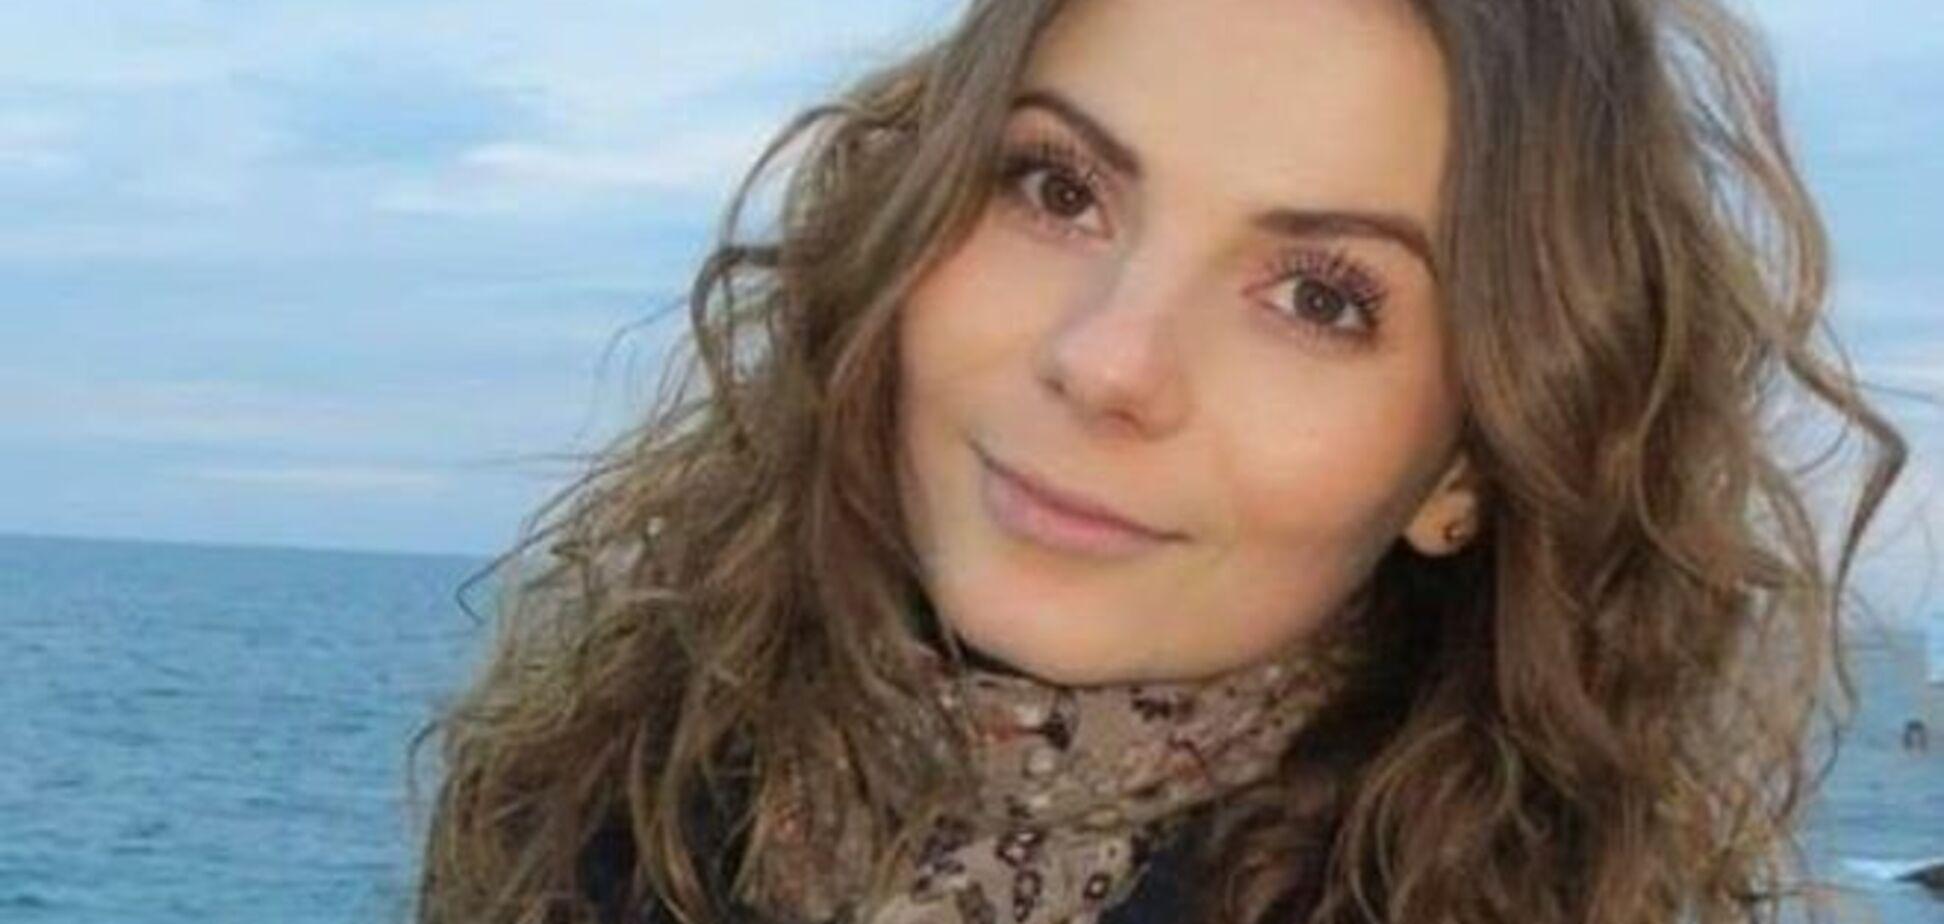 Журналістці, затриманої в Криму, 'шиють' статтю про заклики до 'розвалу Росії'